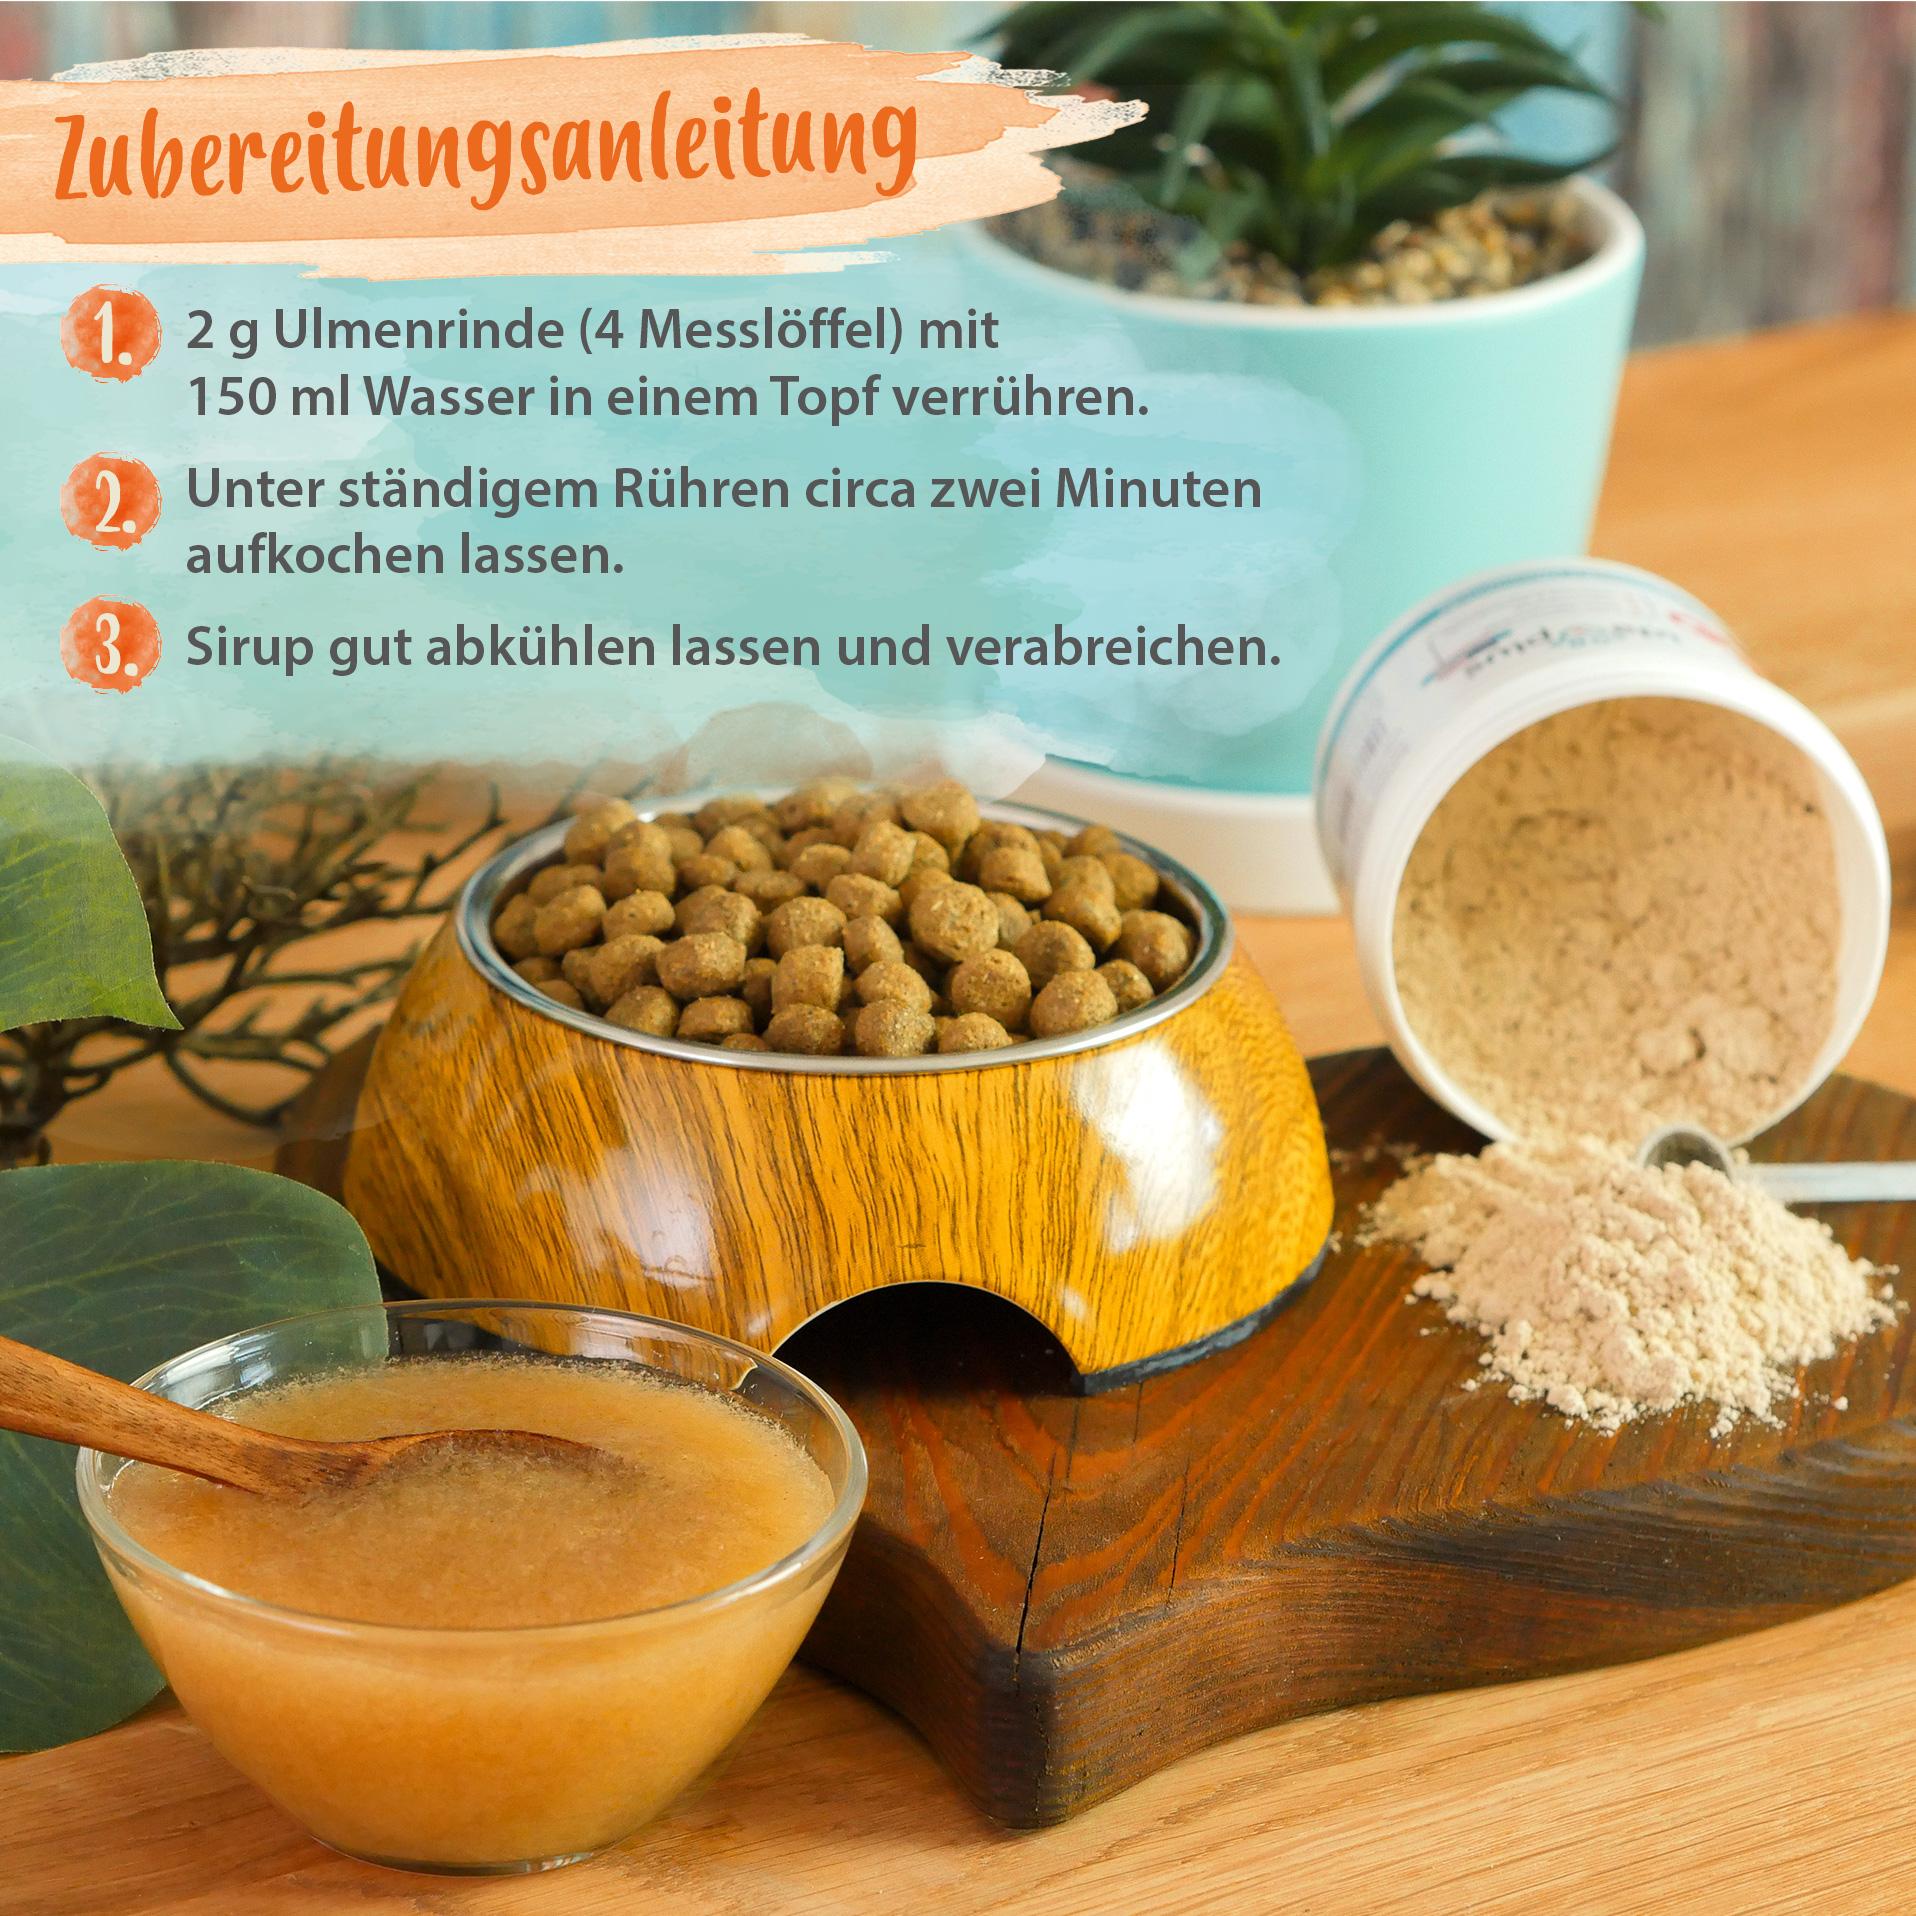 Gastrofit - Unterstützt Magen-Darm-Trakt & die Darmflora - 50 g